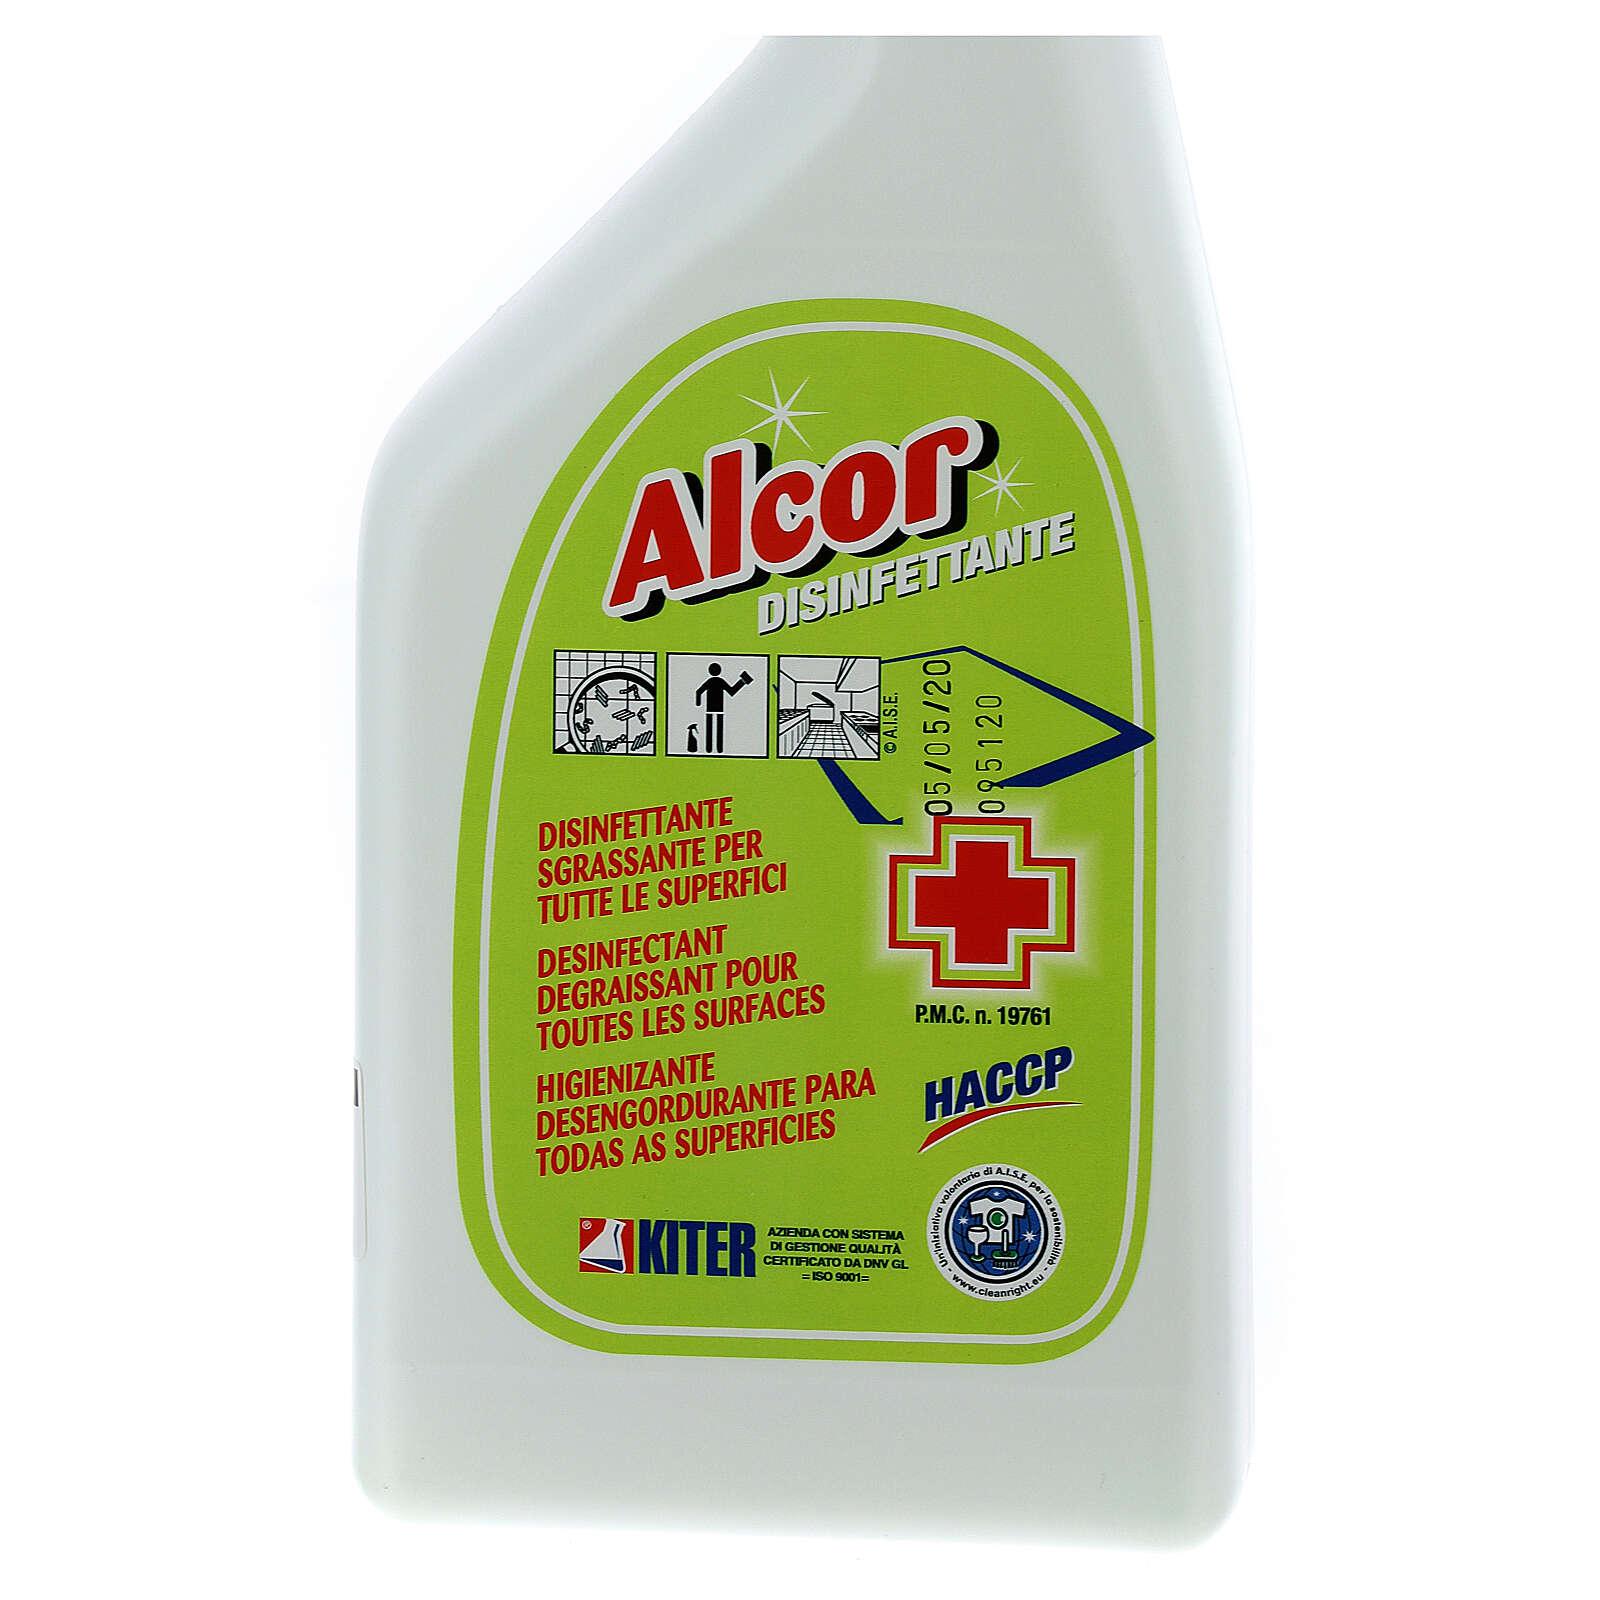 Desinfektionsspray für den professionellen Einsatz, Alcor, 750 ml 3